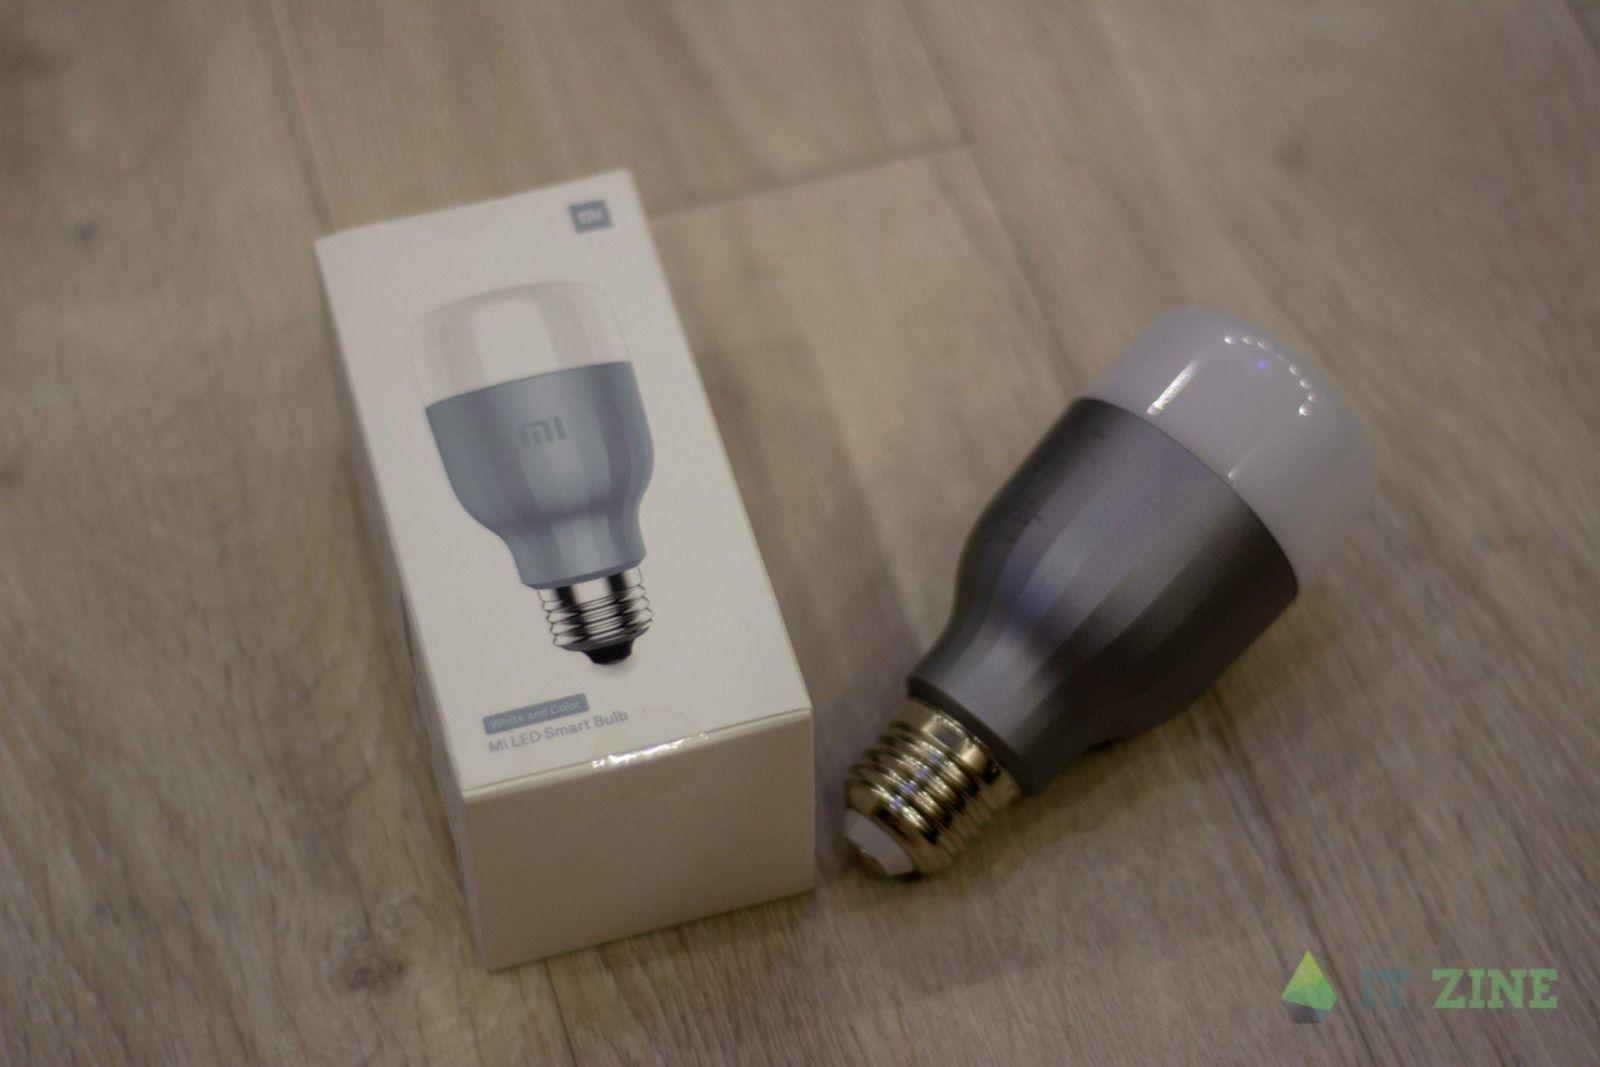 Обзор умных лампочек Xiaomi Mi LED Smart Bulb + Google Home: да будет свет (dsc 7112)